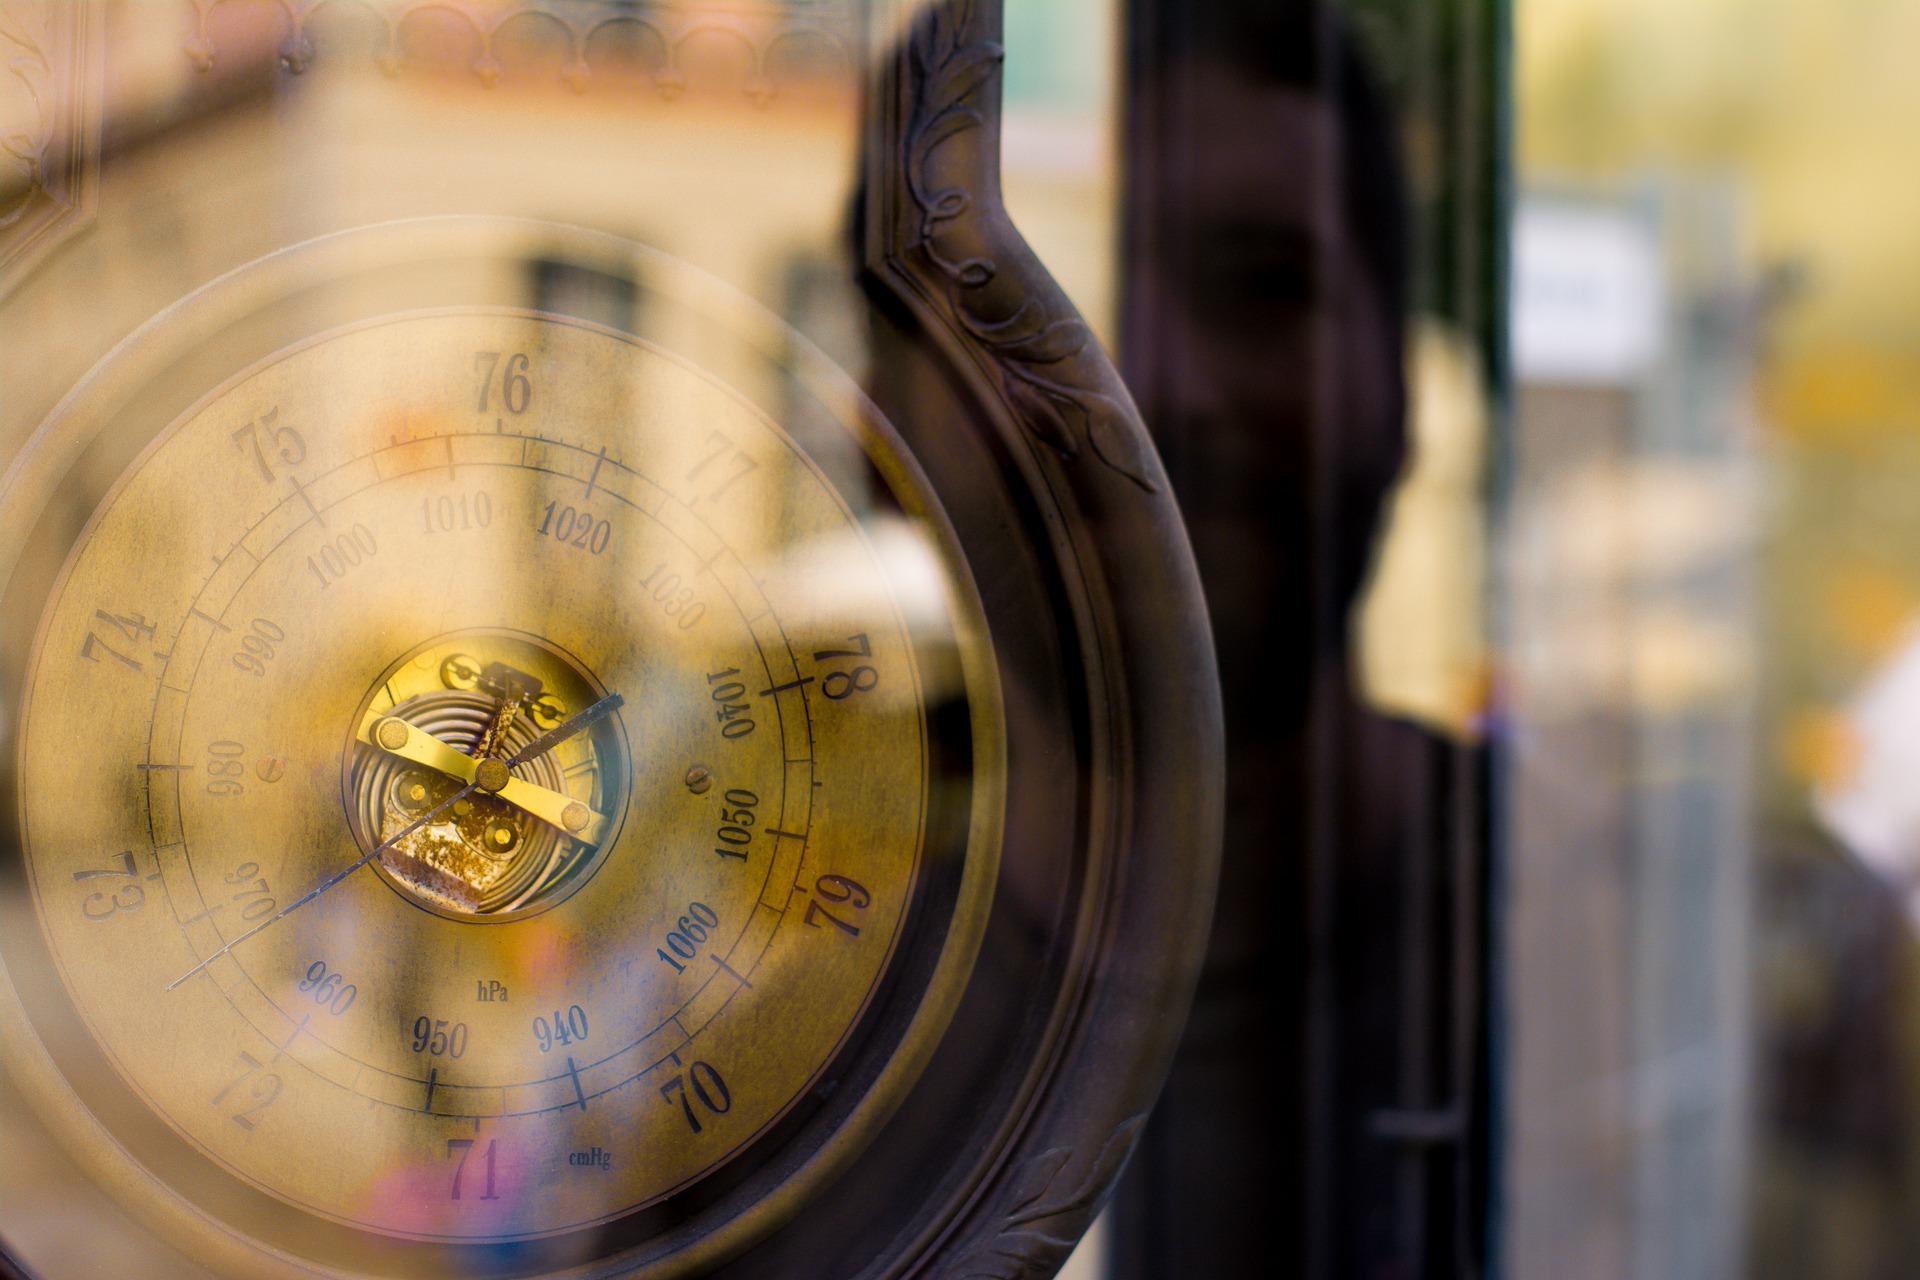 Le baromètre du marché: La loi de l'offre et de la demande